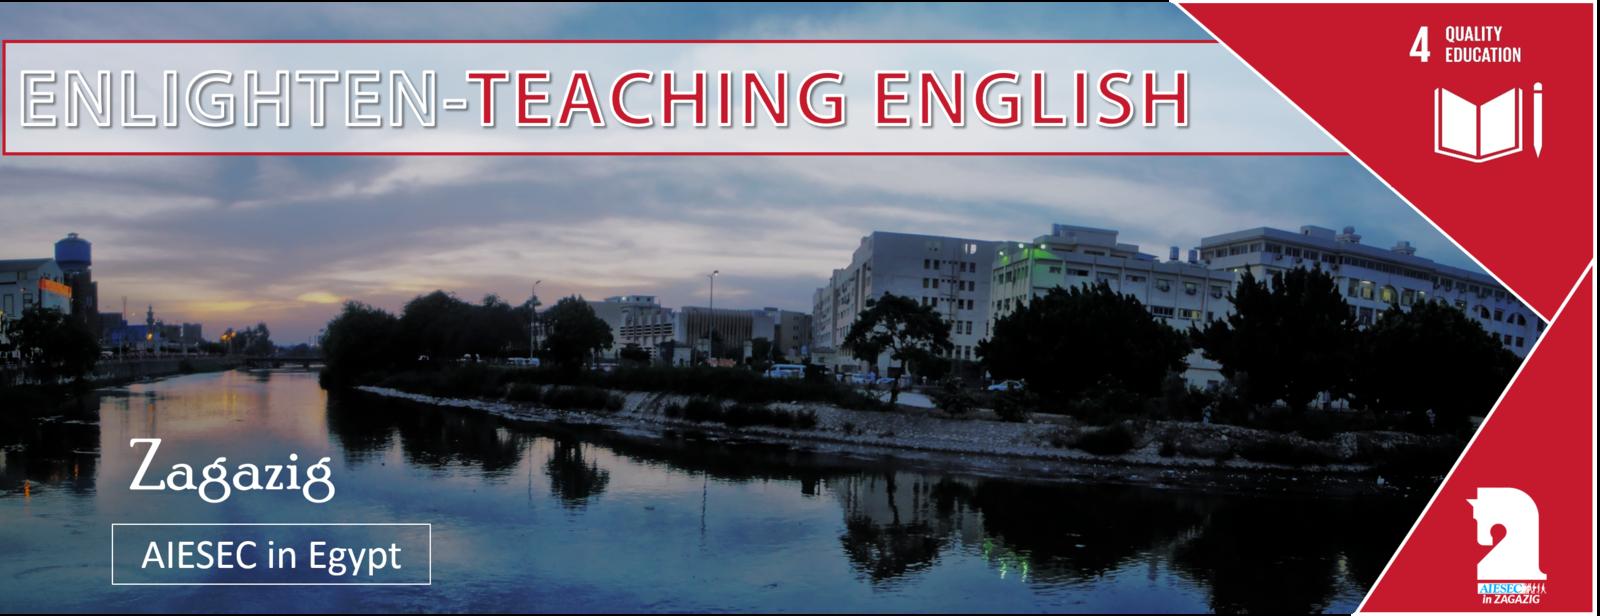 Enlighten - Teaching English Opportunity in EGYPT #4